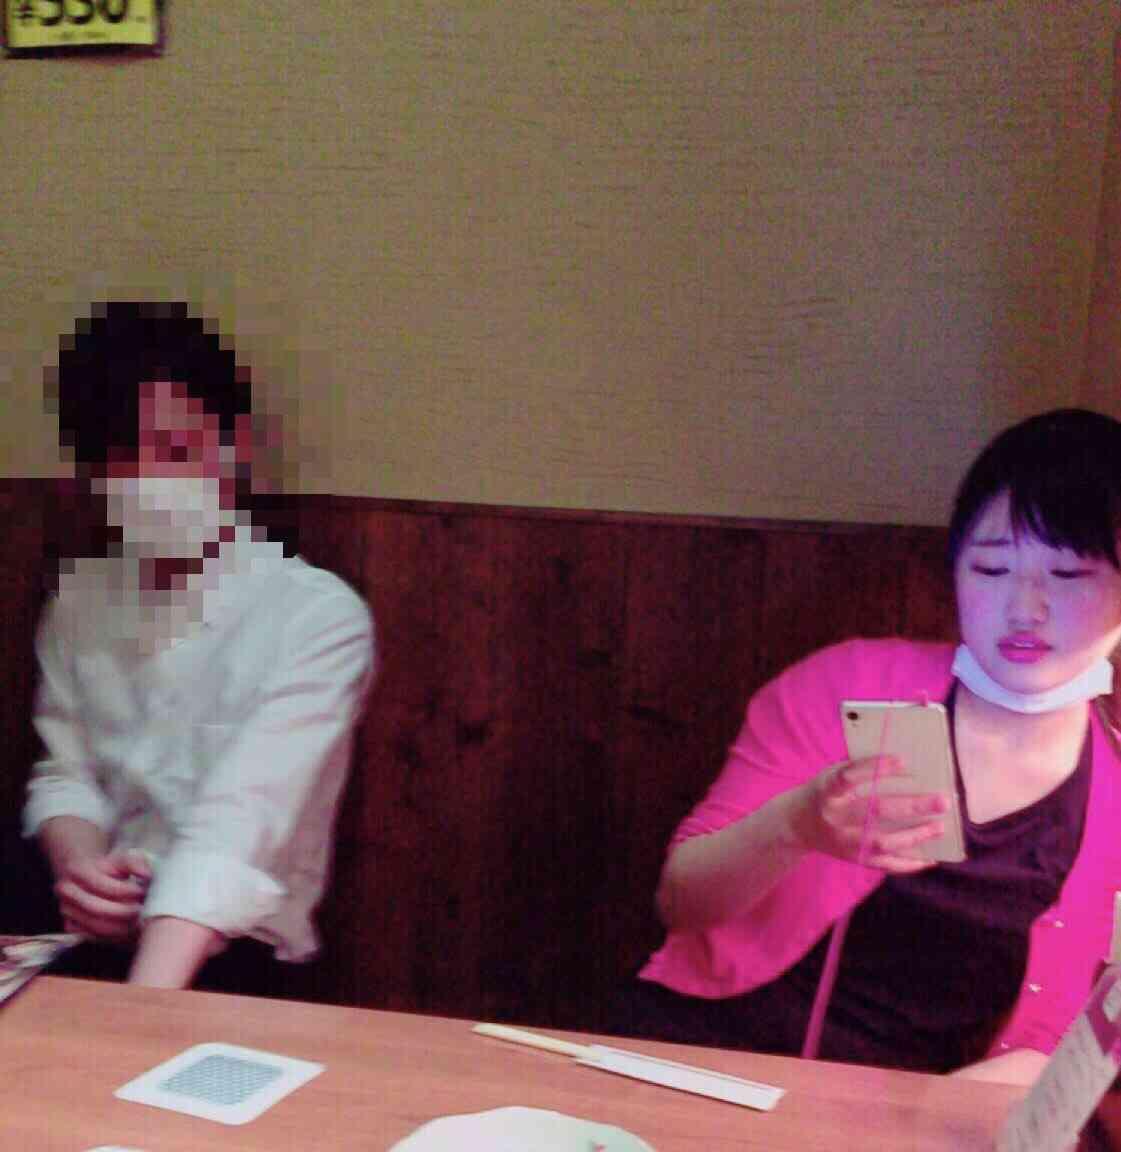 こぶしファクトリー、田口夏実との契約を途中解約「自覚と責任欠く」今年3人目の脱退